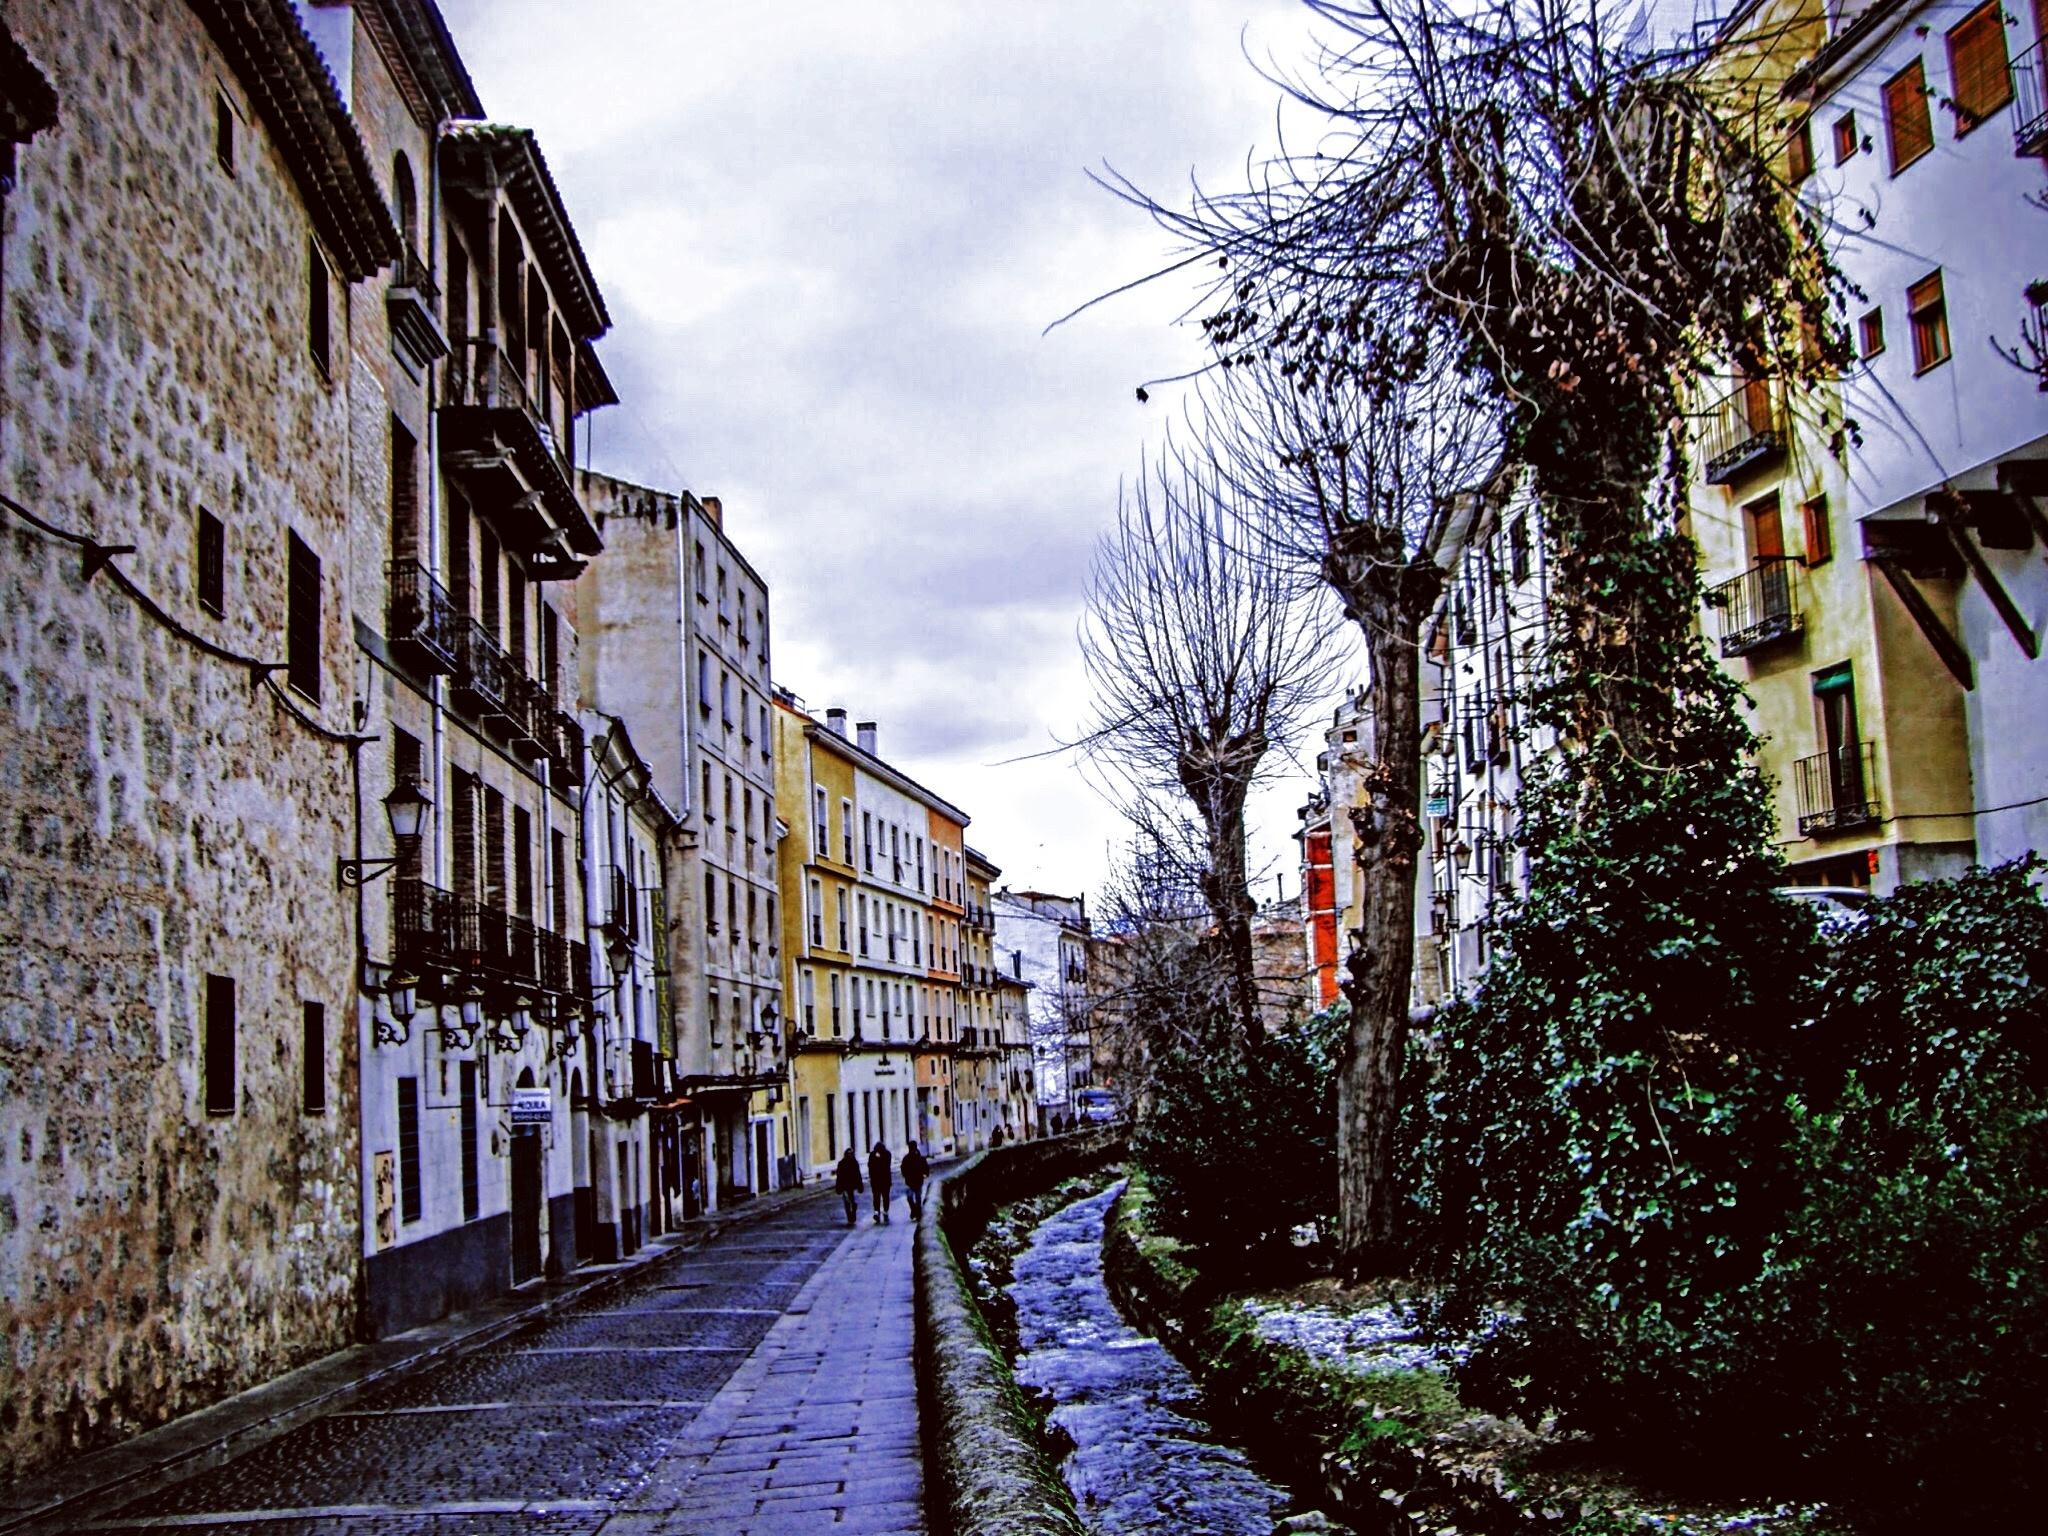 Los Tintes Street by Gregorio Emper